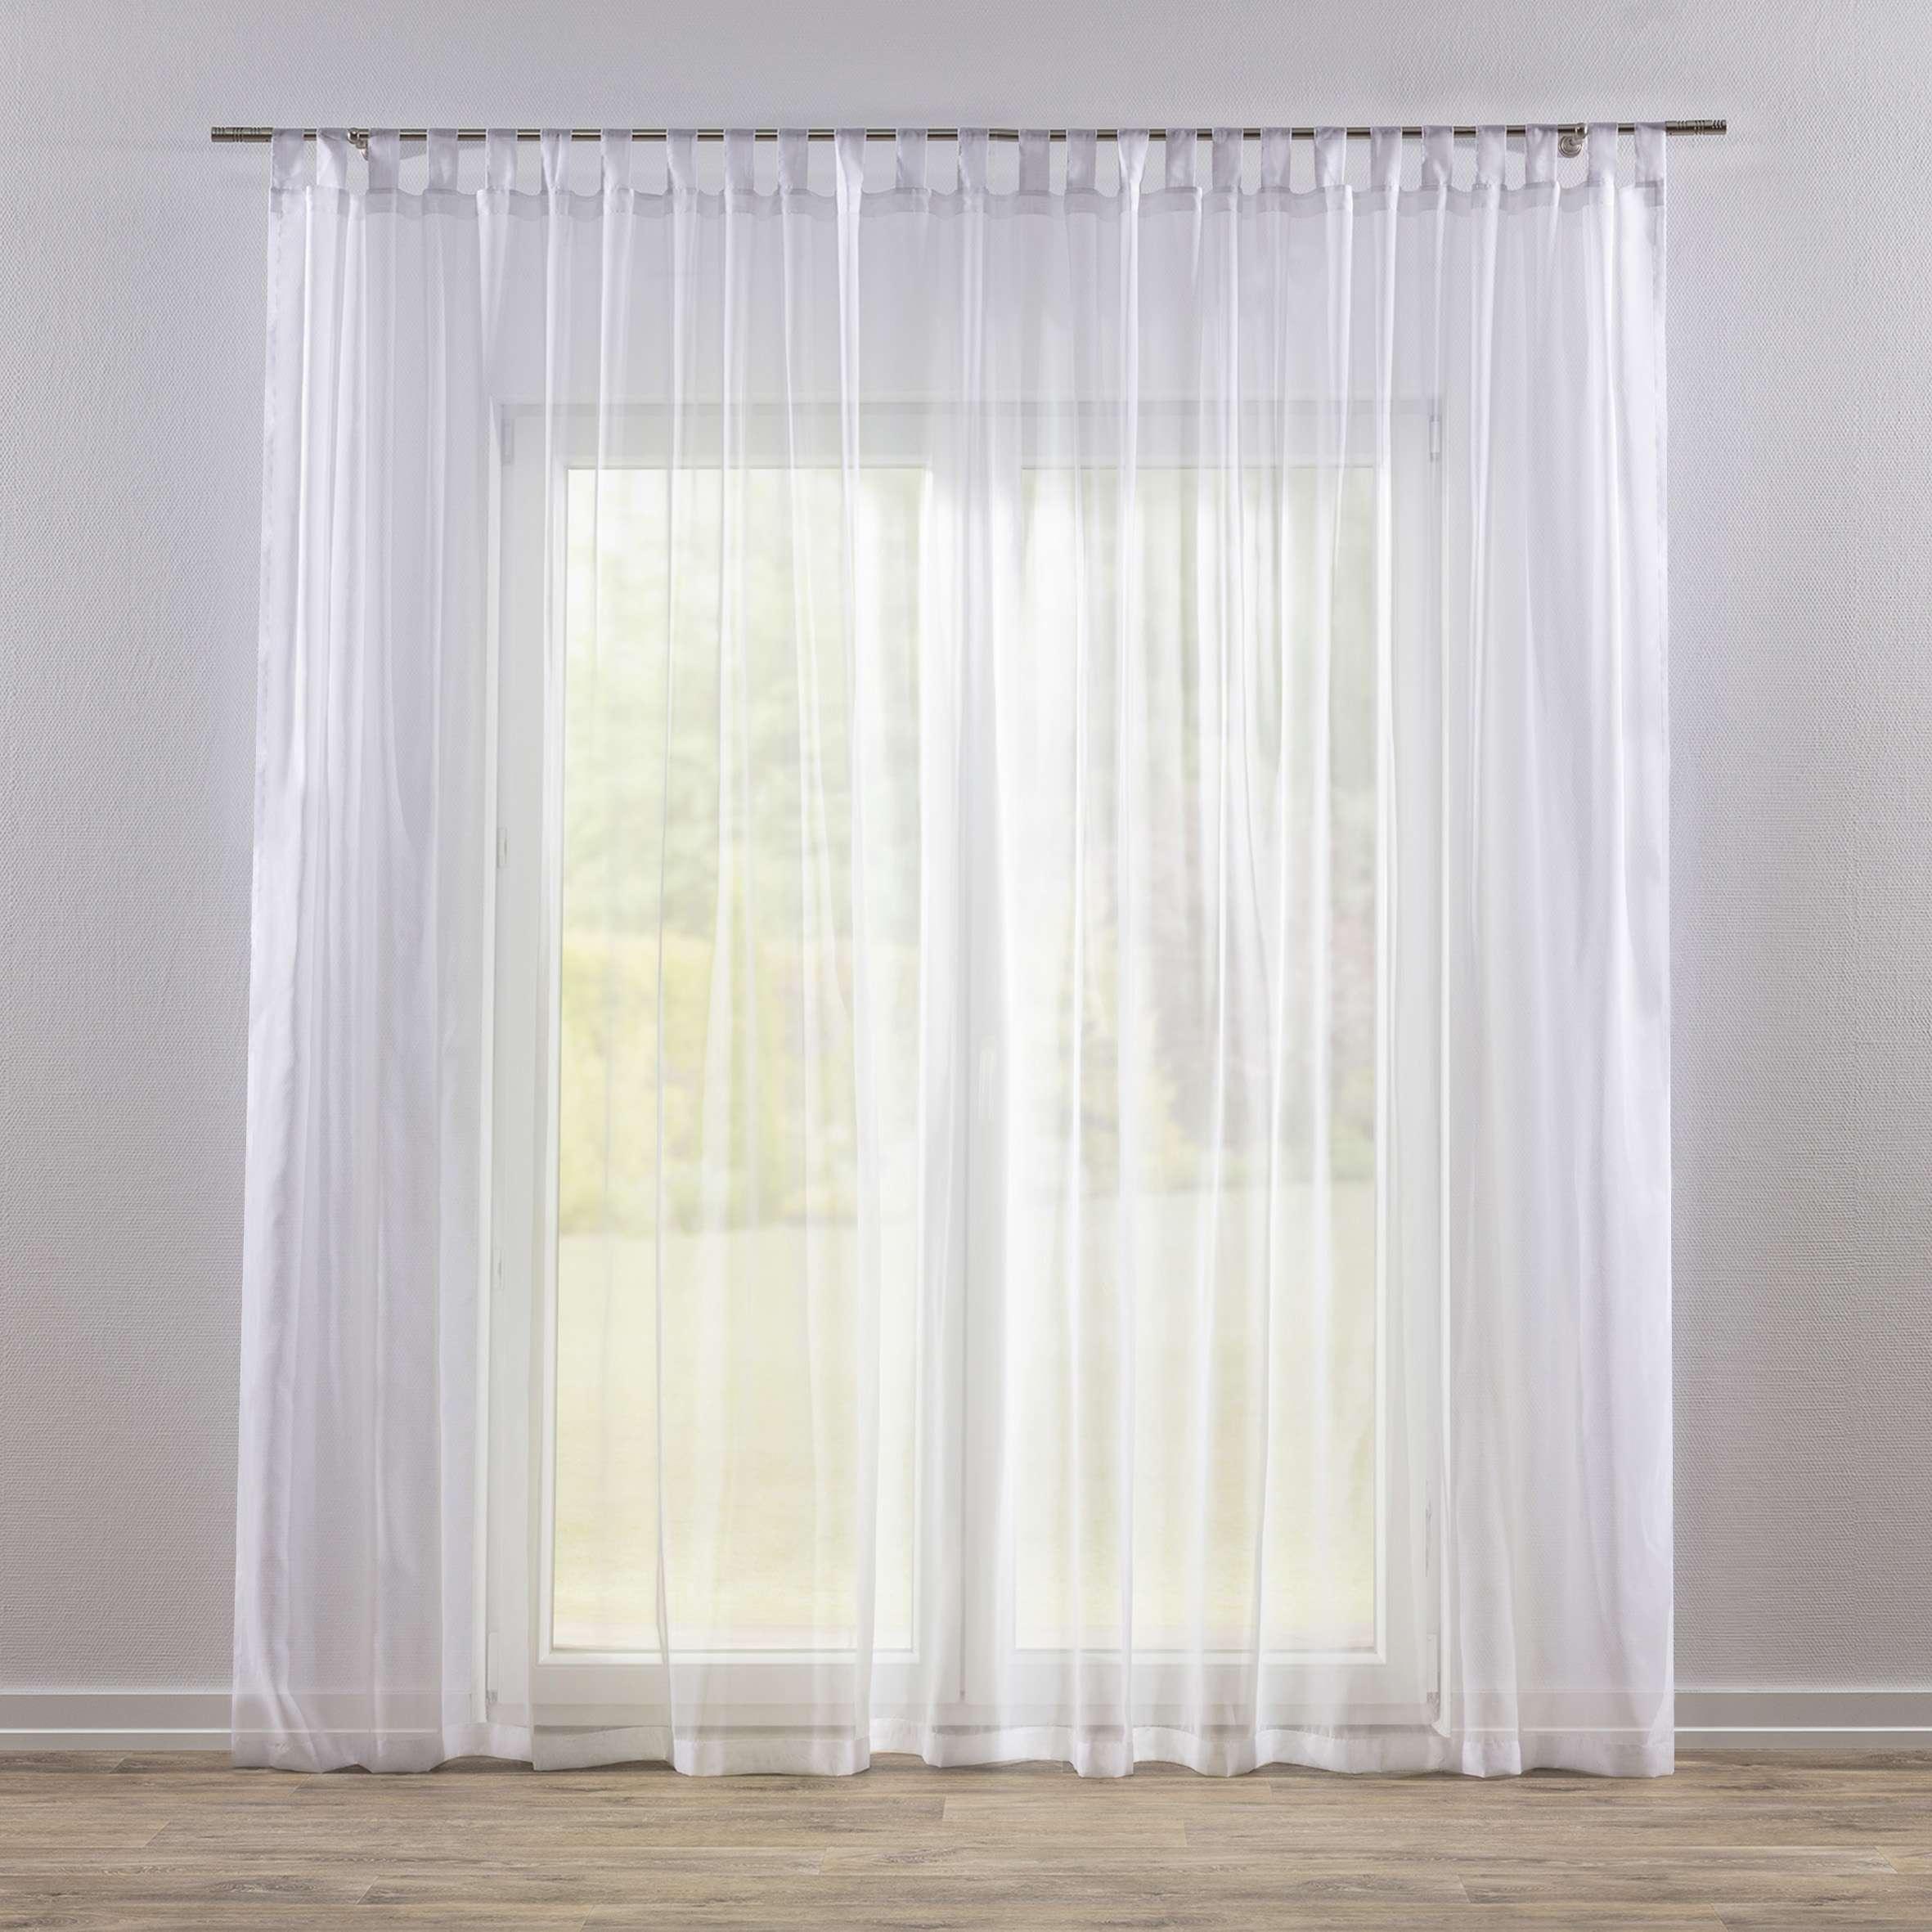 Záclona voálová jednoduchá na poutka na míru v kolekci Voile - Voál, látka: 900-00